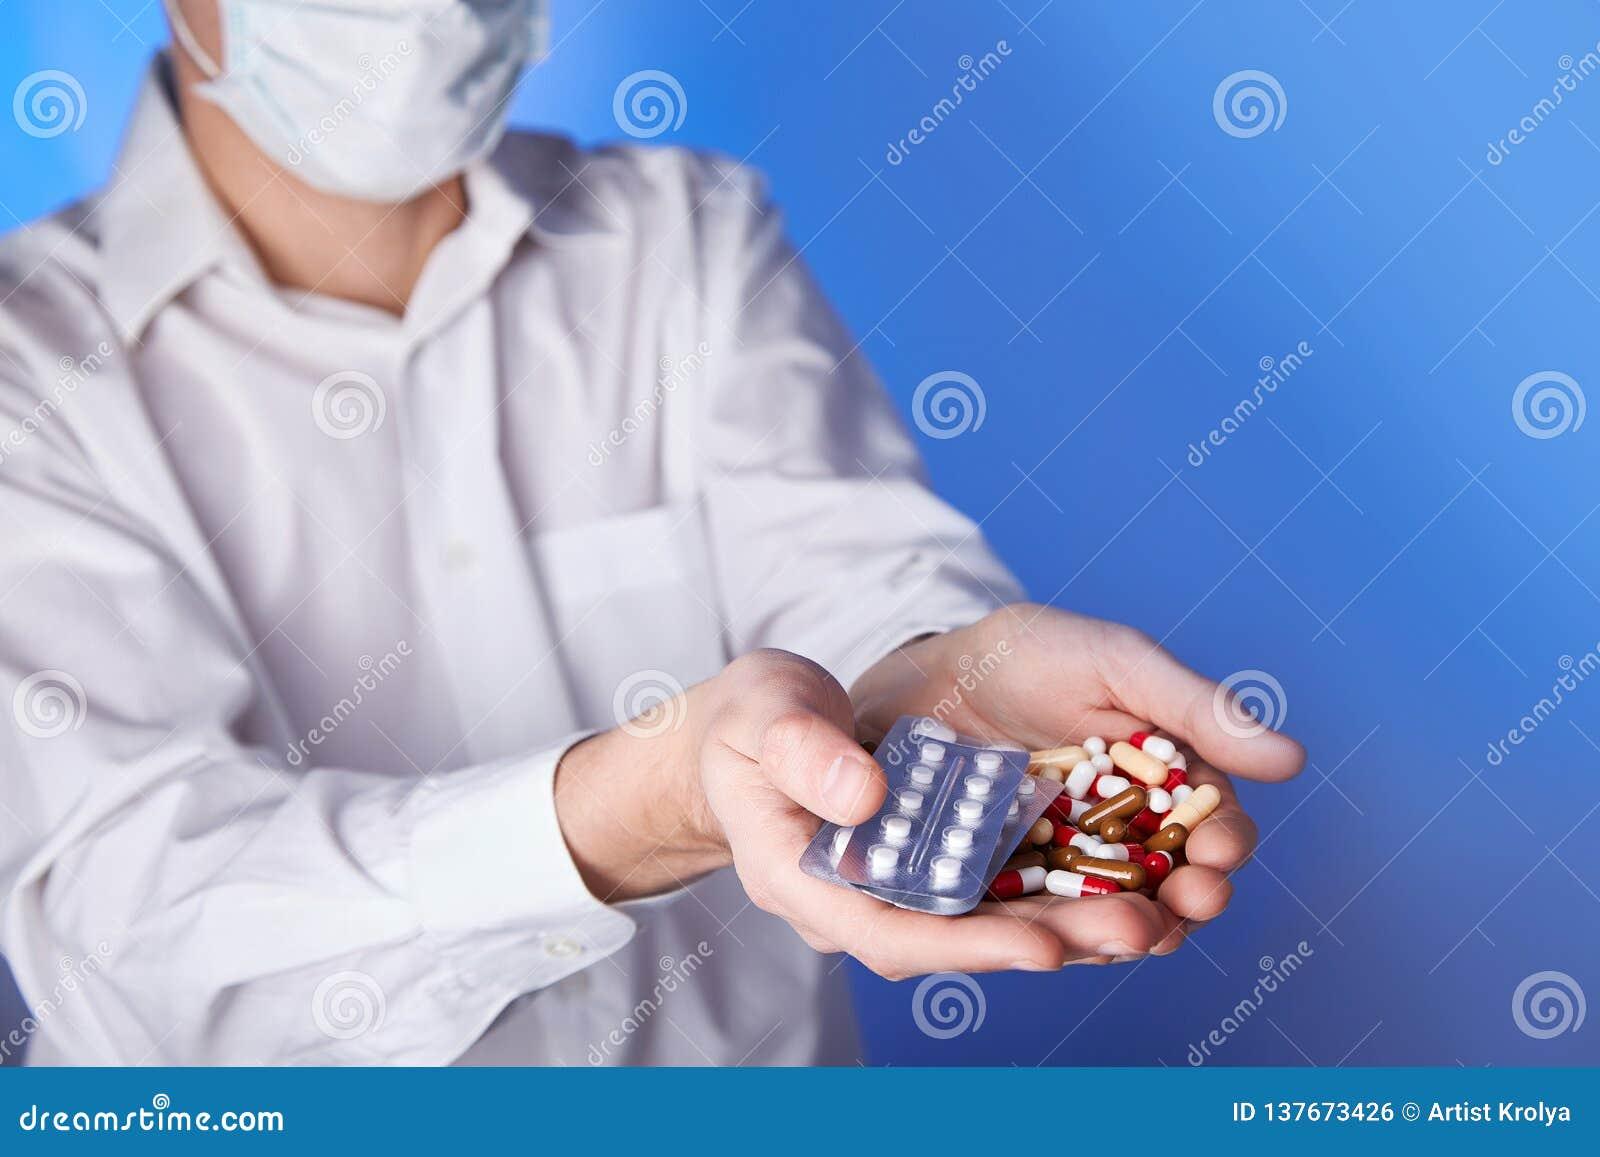 Lekarek chwyt barwić pigułki i paczka różna pastylka pokrywają pęcherzami w rękach Panaceum, życie oprócz usługi, przepisuje medi